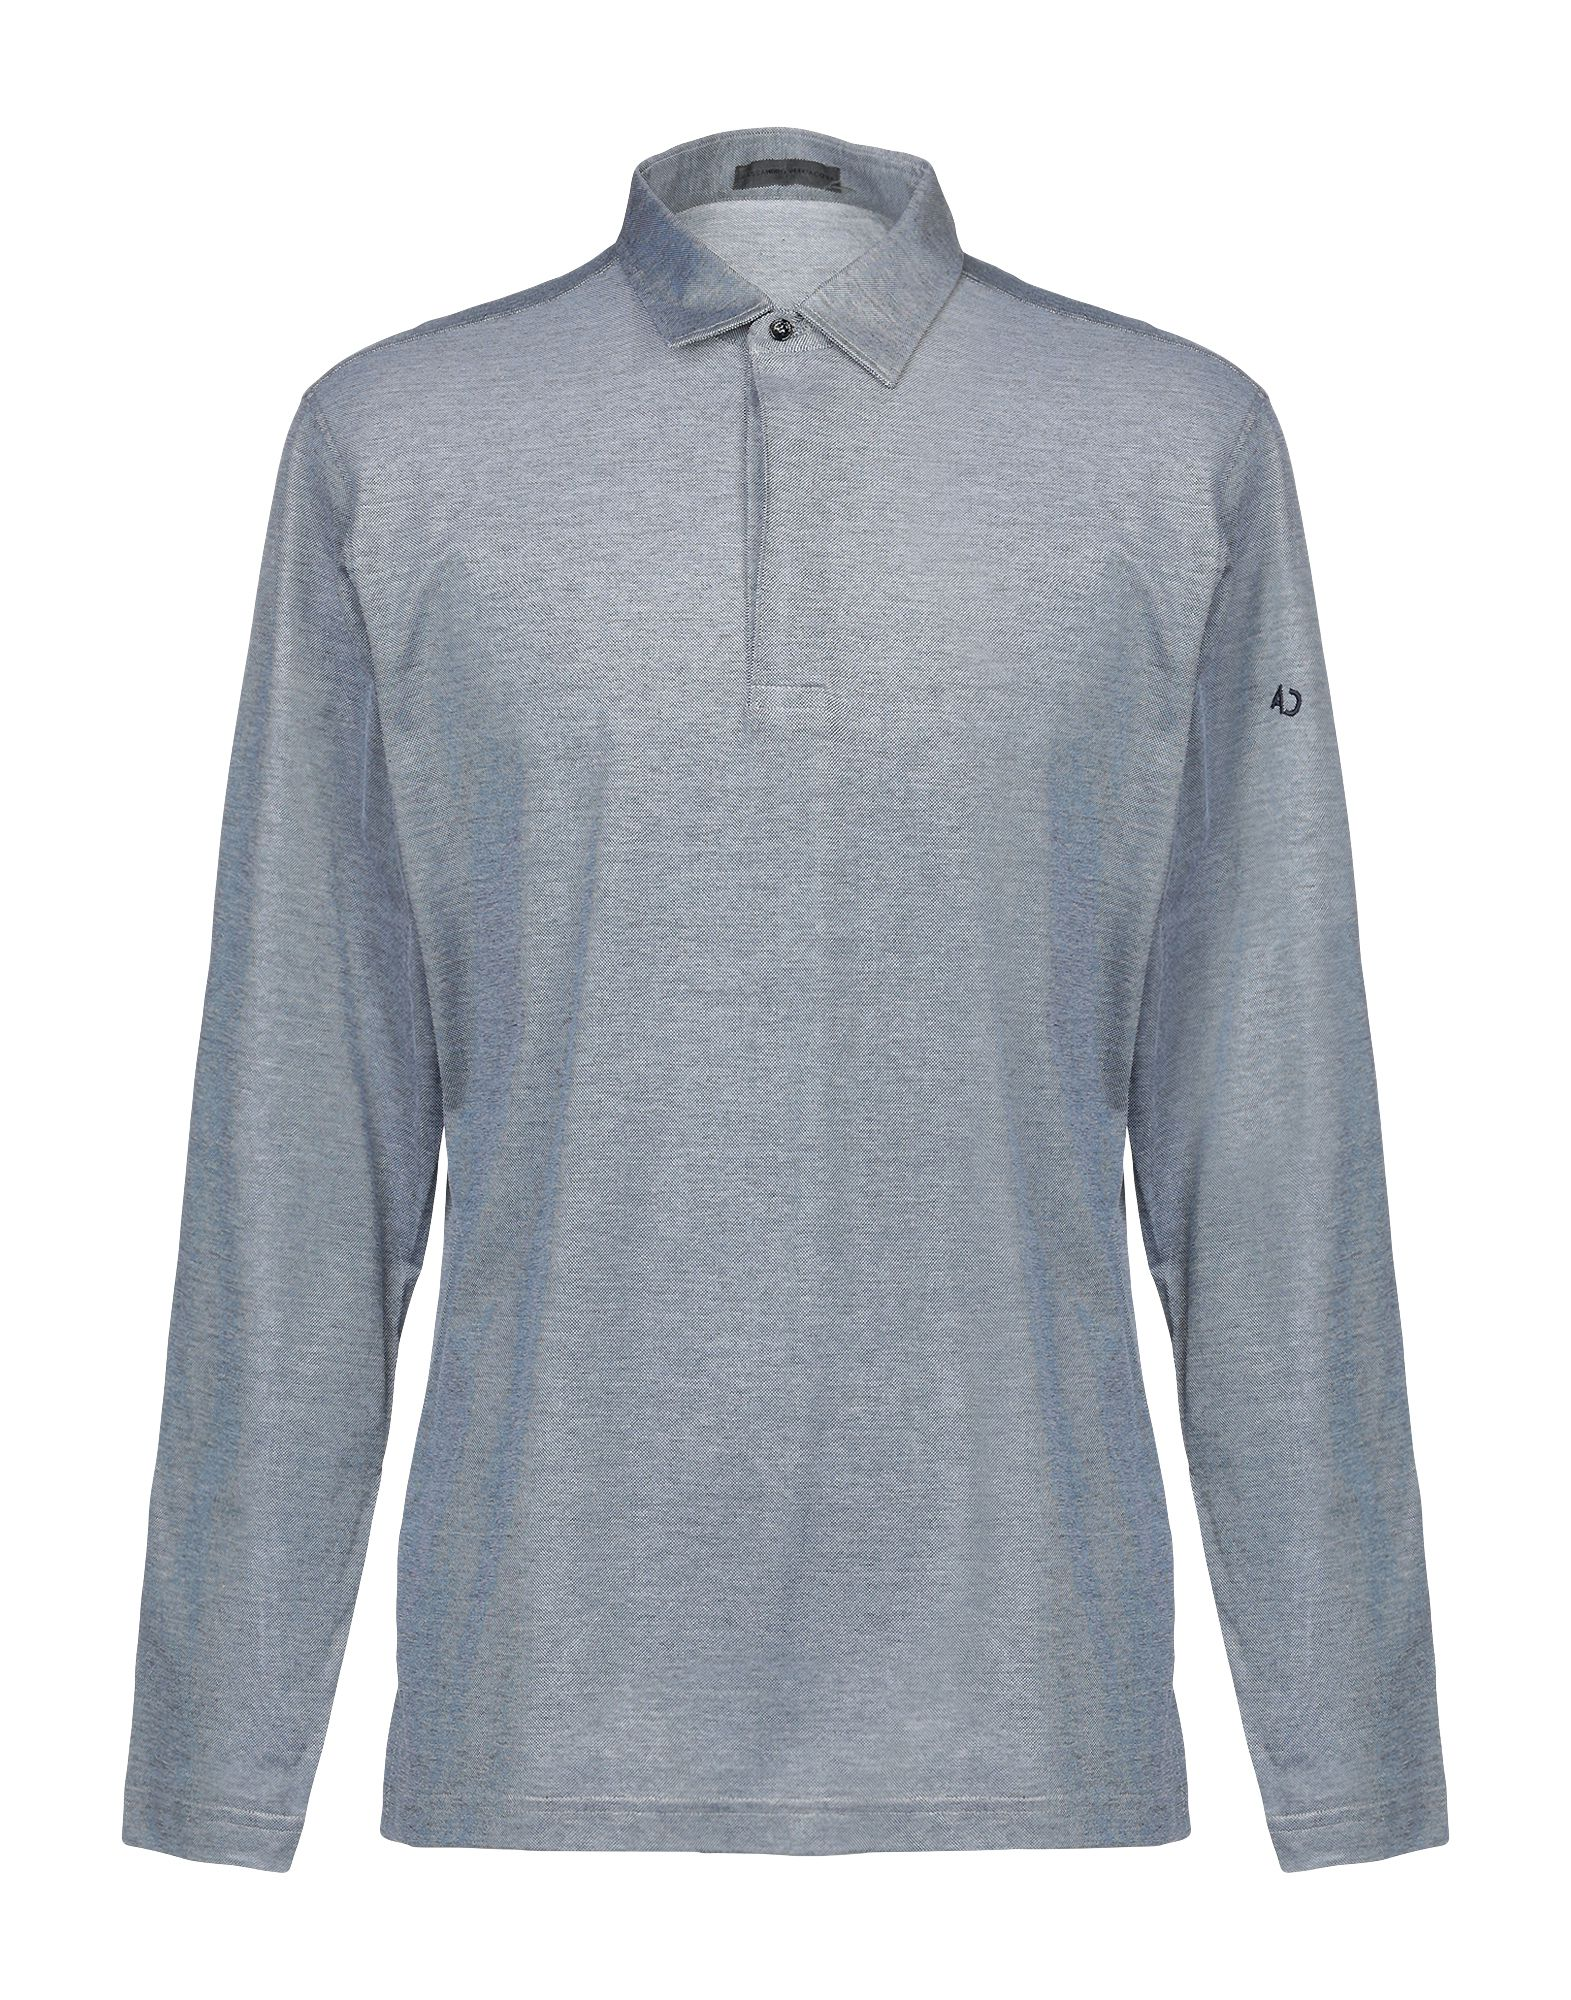 《セール開催中》ALESSANDRO DELL'ACQUA メンズ ポロシャツ グレー S コットン 100%